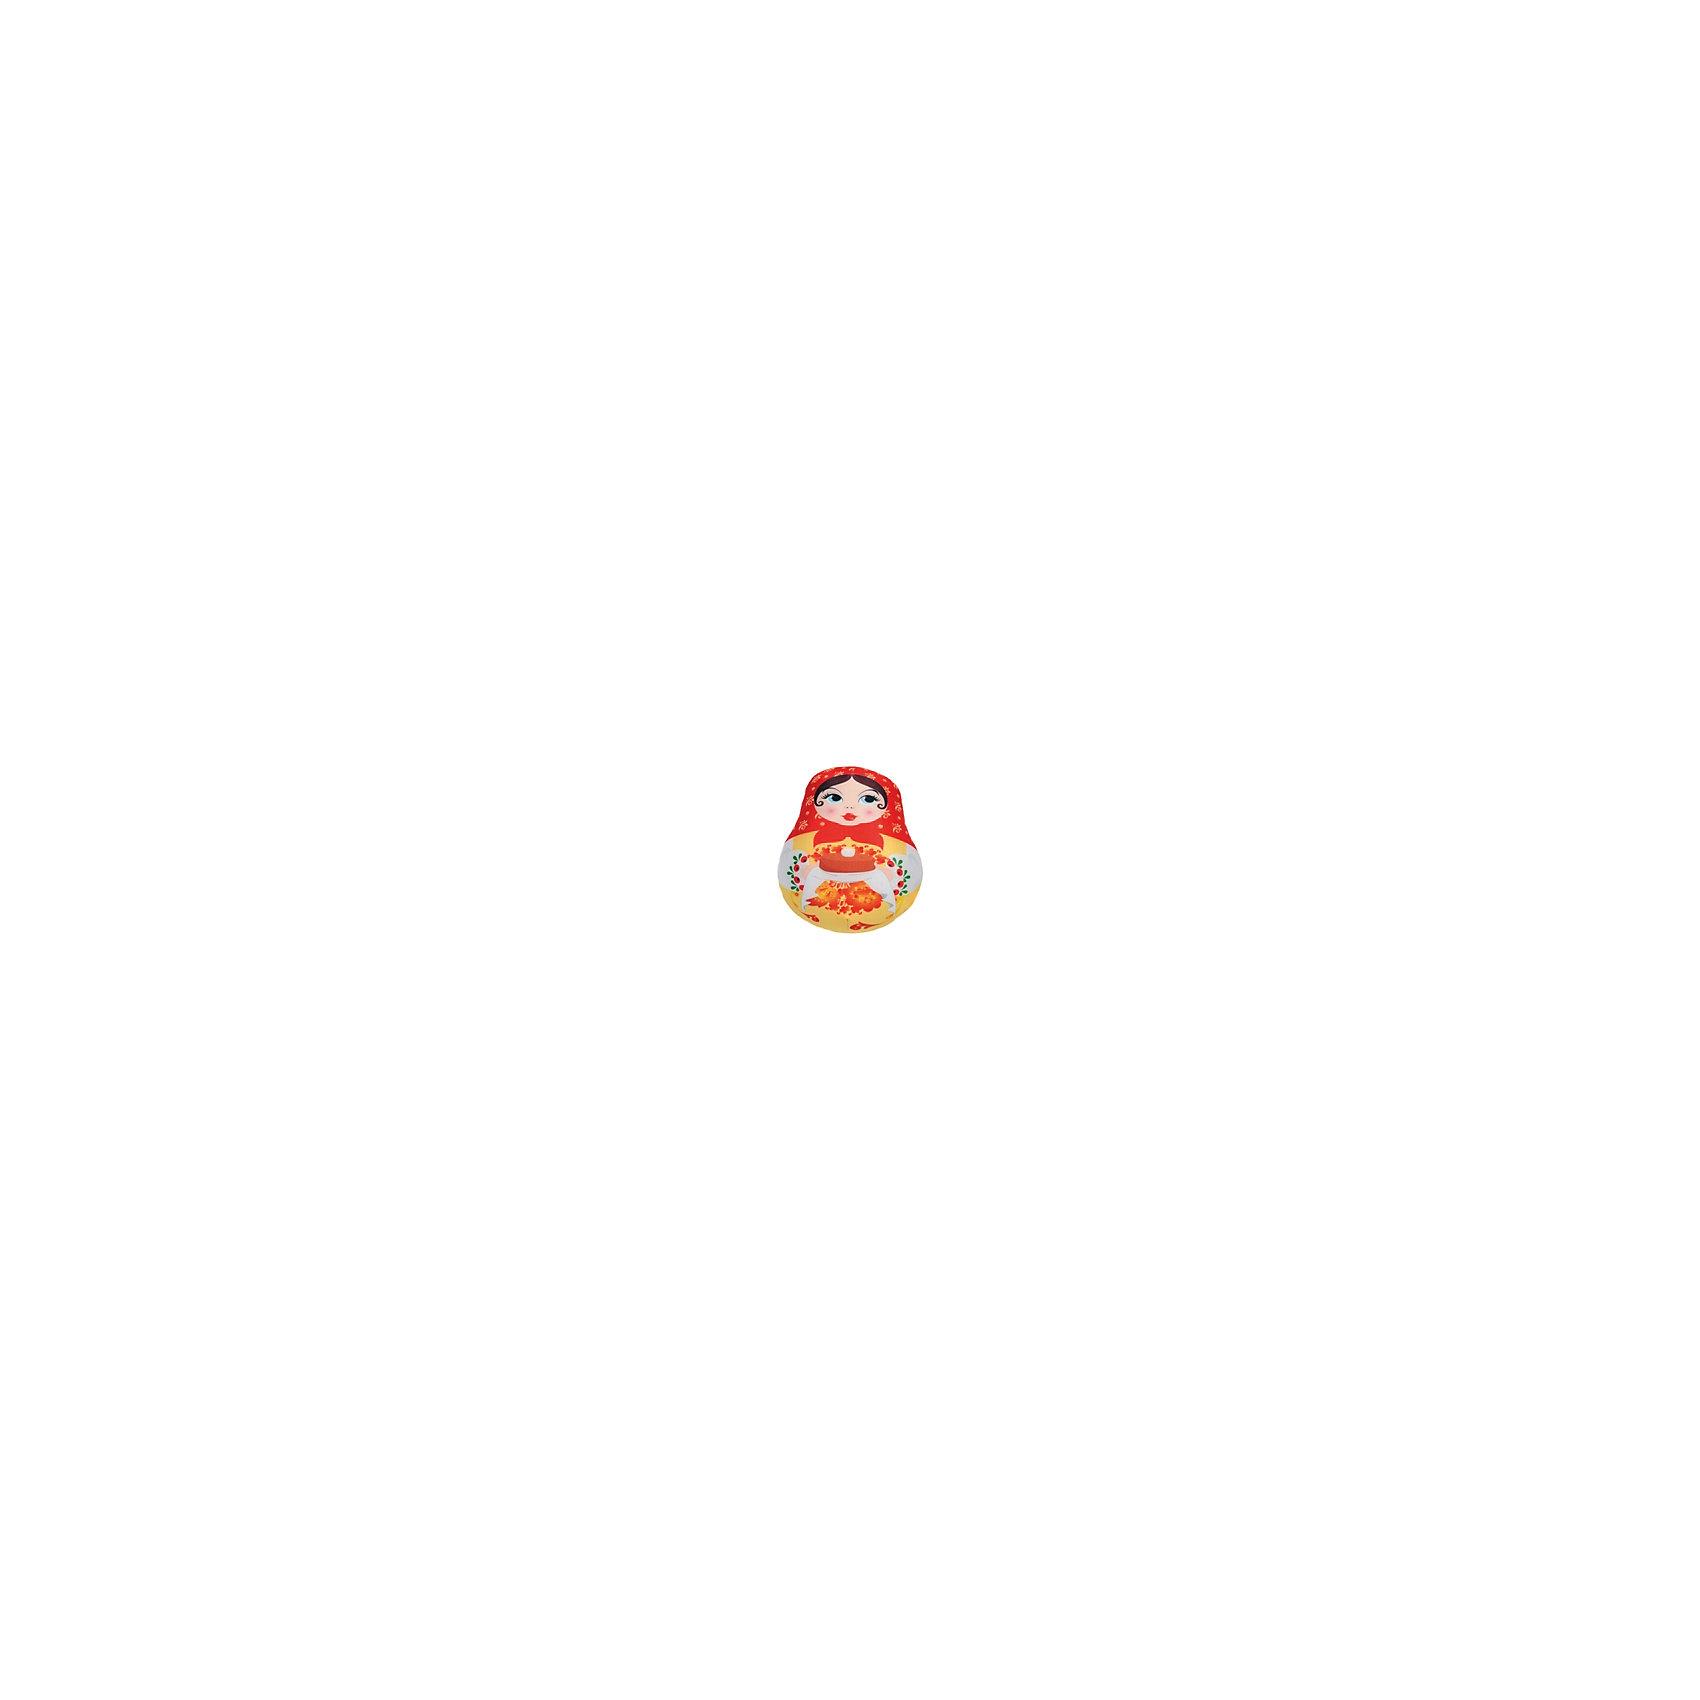 Матрешка (цвет: красный)